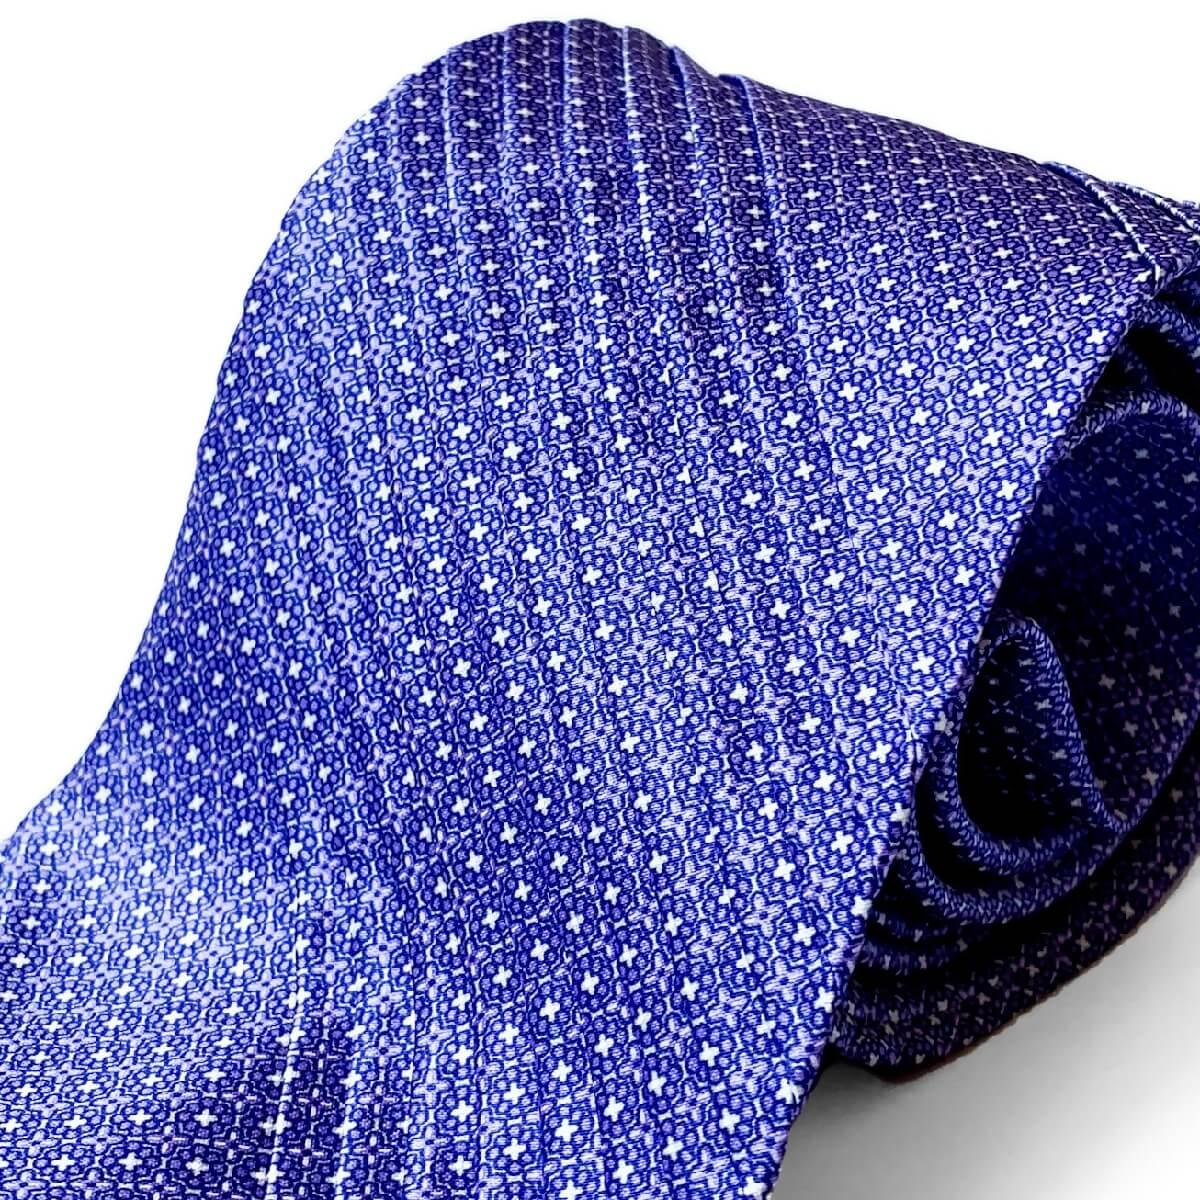 STEFANO RICCI(ステファノリッチ) プリーツタイ ネクタイ 小紋柄 パープル 紫 ステファノリッチネクタイ